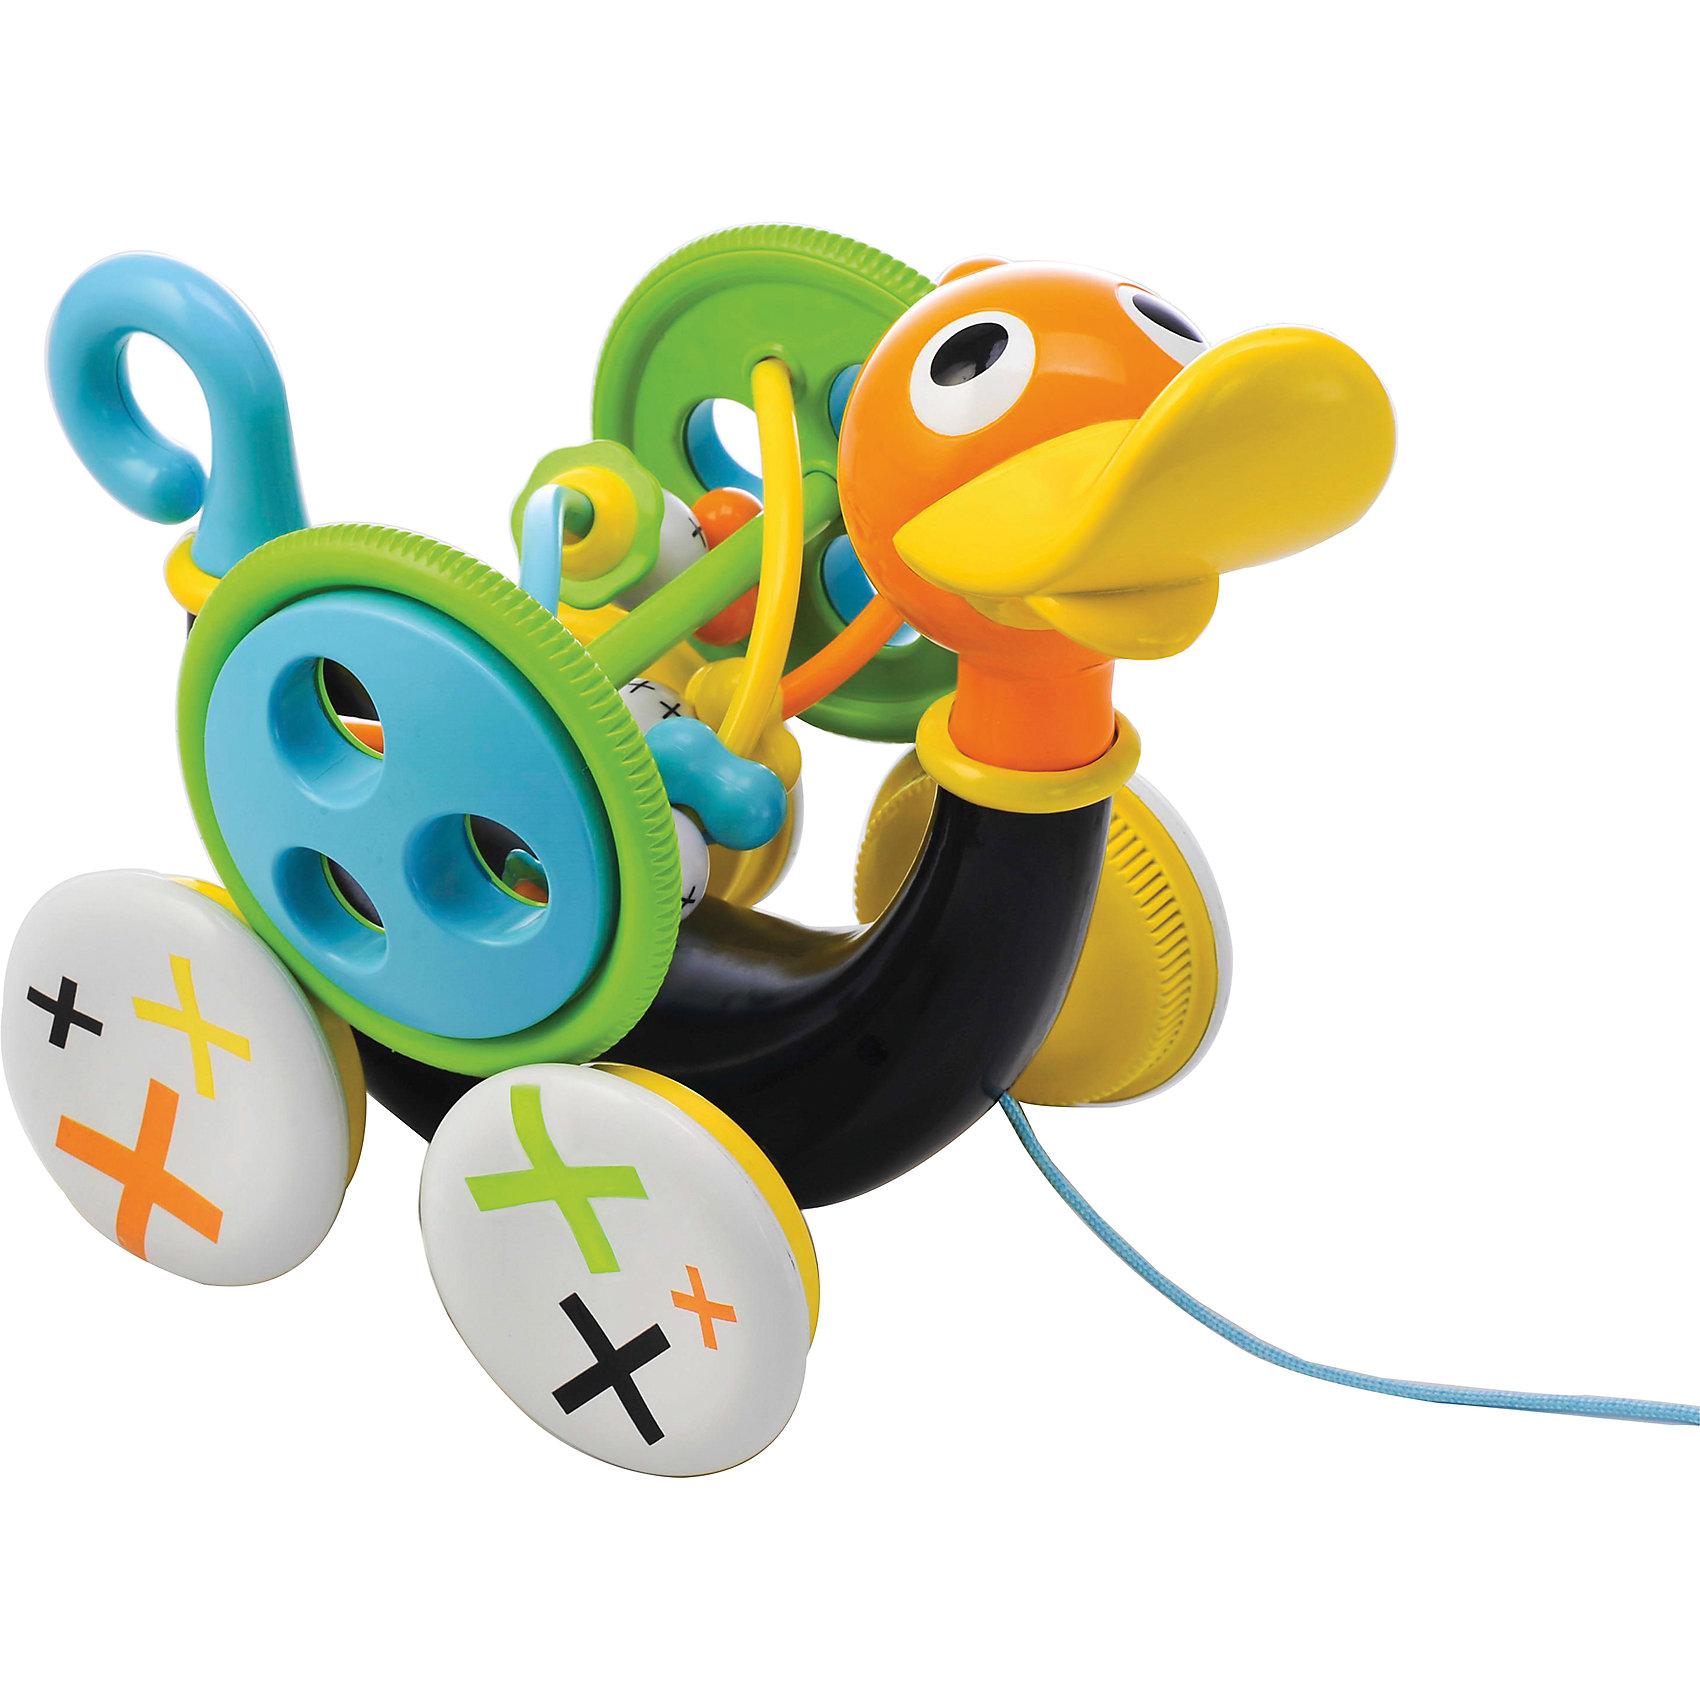 Музыкальная уточка,  YookidooИгрушки для малышей<br>C этой прекрасной игрушкой совершать свои первые шаги будет еще интереснее! Малыш тянет за веревочку  и игрушка едет вперед, при этом свистит и  издает забавные звуки. Звуки включаются только тогда, когда игрушка едет. Для того, чтобы насладиться игрой, малыш должен учиться шагать вперед, при этом тянуть уточку за собой. Если ребенку надоест музыкальное сопровождение, то его можно отключить, повернув хвостик Уточки. Кроме этого, дополнительно в набор входит большая игрушка-погремушка, которая крепится к телу Уточки. Ее можно снимать и  использовать отдельно. На Уточке располагаются маленькие игрушечки- бегунки, которые малыш может перетаскивать пальчиком из стороны в сторону. Все детали изделия выполнены из высококачественных гипоаллергенных материалов, безопасных для детей. Музыкальная уточка учит малыша ходить, развивает мелкую моторику рук, логику, слуховое восприятие.<br><br>Дополнительная информация:<br><br>- Комплектация: уточка, игрушка-погремушка.<br>- Материал: пластик.<br>- Цвет: черный, зеленый, голубой, оранжевый, желтый.<br>- Размер упаковки: 27х17х26 см<br>- Звуковые эффекты: есть.<br>- Элемент питания: 3 батарейки АА (входят в комплект).<br><br>Музыкальную уточку,  Yookidoo можно купить в нашем магазине.<br><br>Ширина мм: 273<br>Глубина мм: 177<br>Высота мм: 243<br>Вес г: 781<br>Возраст от месяцев: 12<br>Возраст до месяцев: 24<br>Пол: Унисекс<br>Возраст: Детский<br>SKU: 3908340